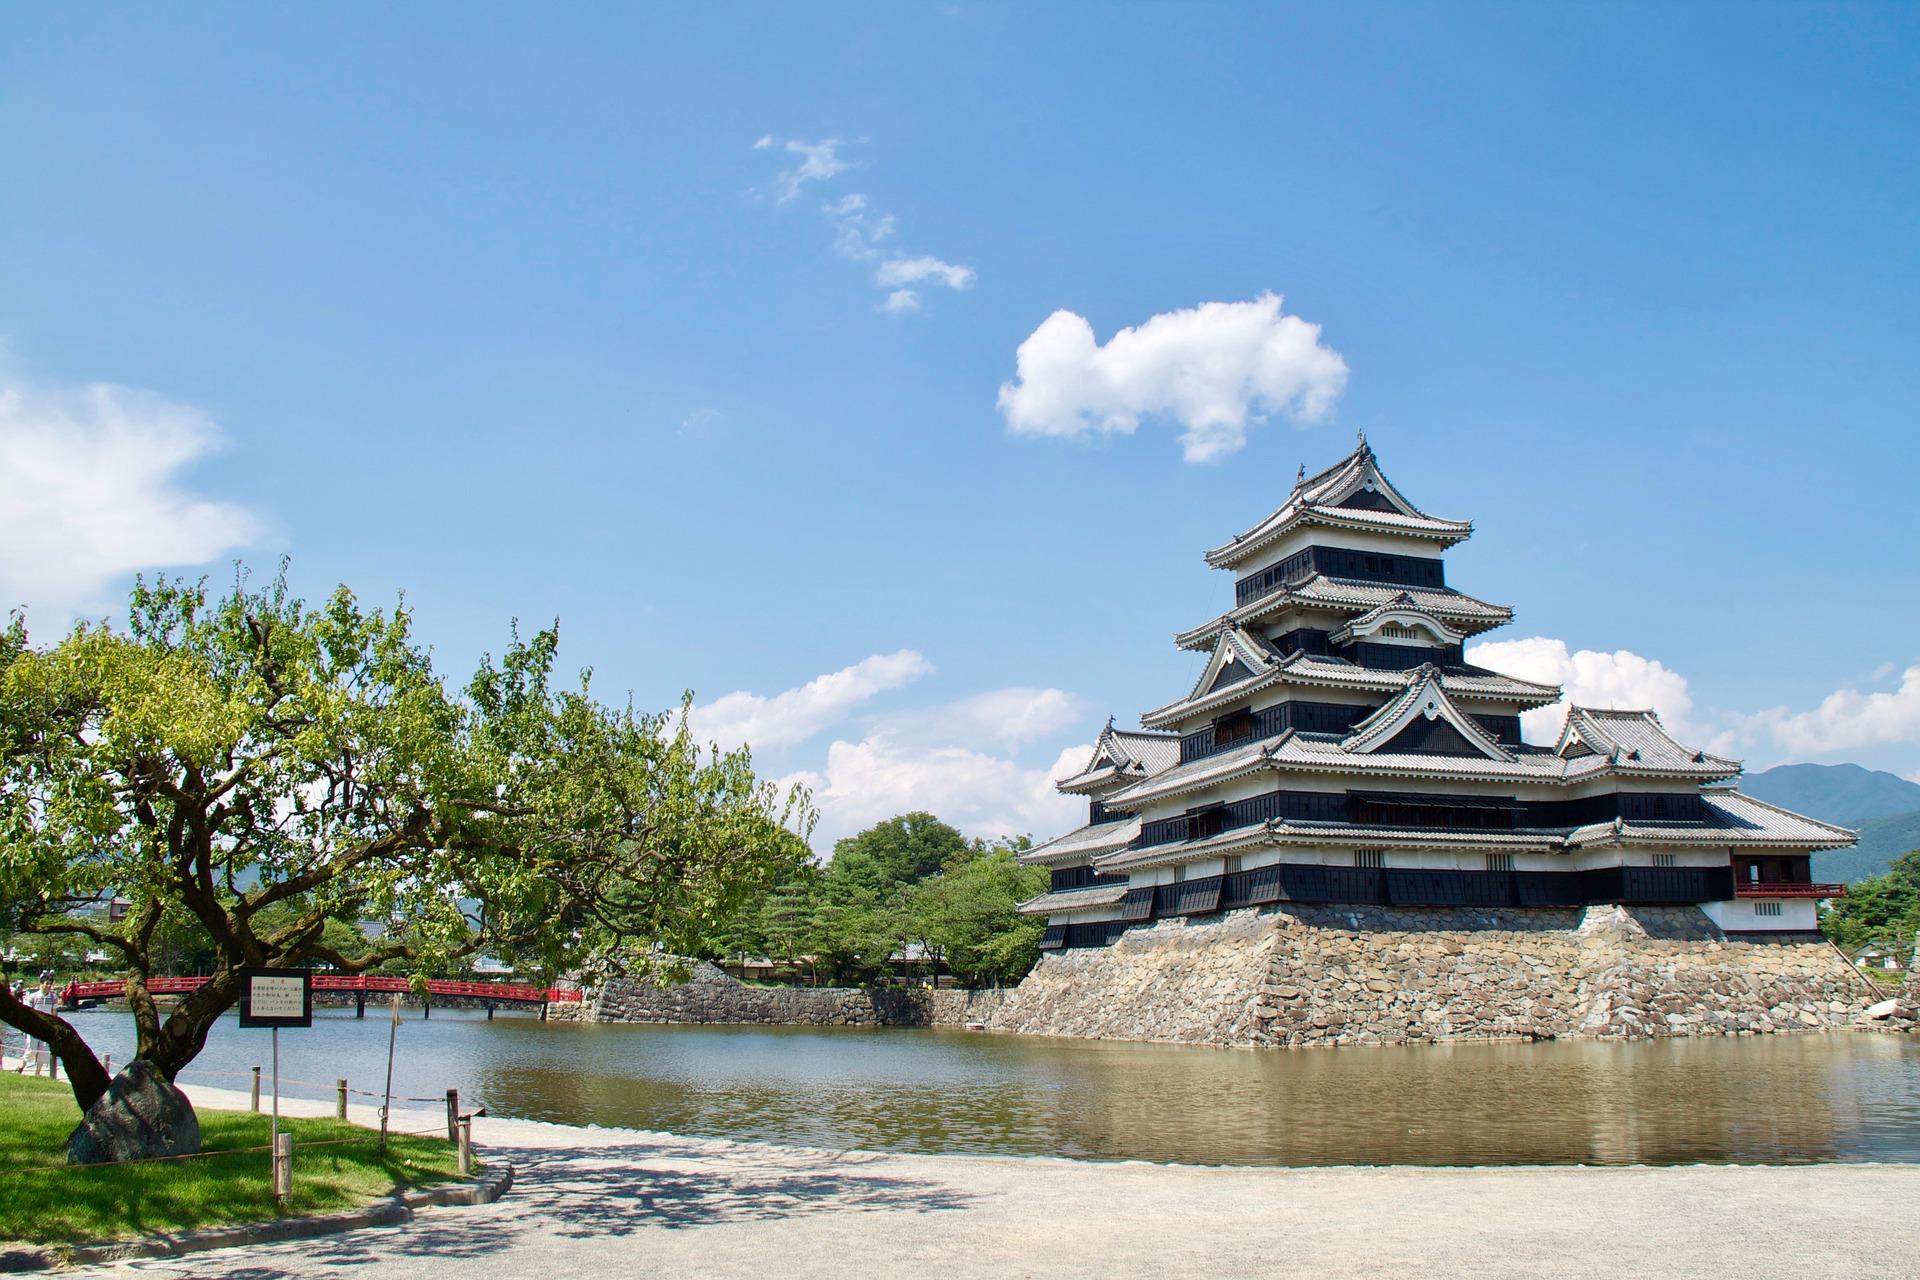 ゴミの排出量の少なさ6年連続日本一を達成